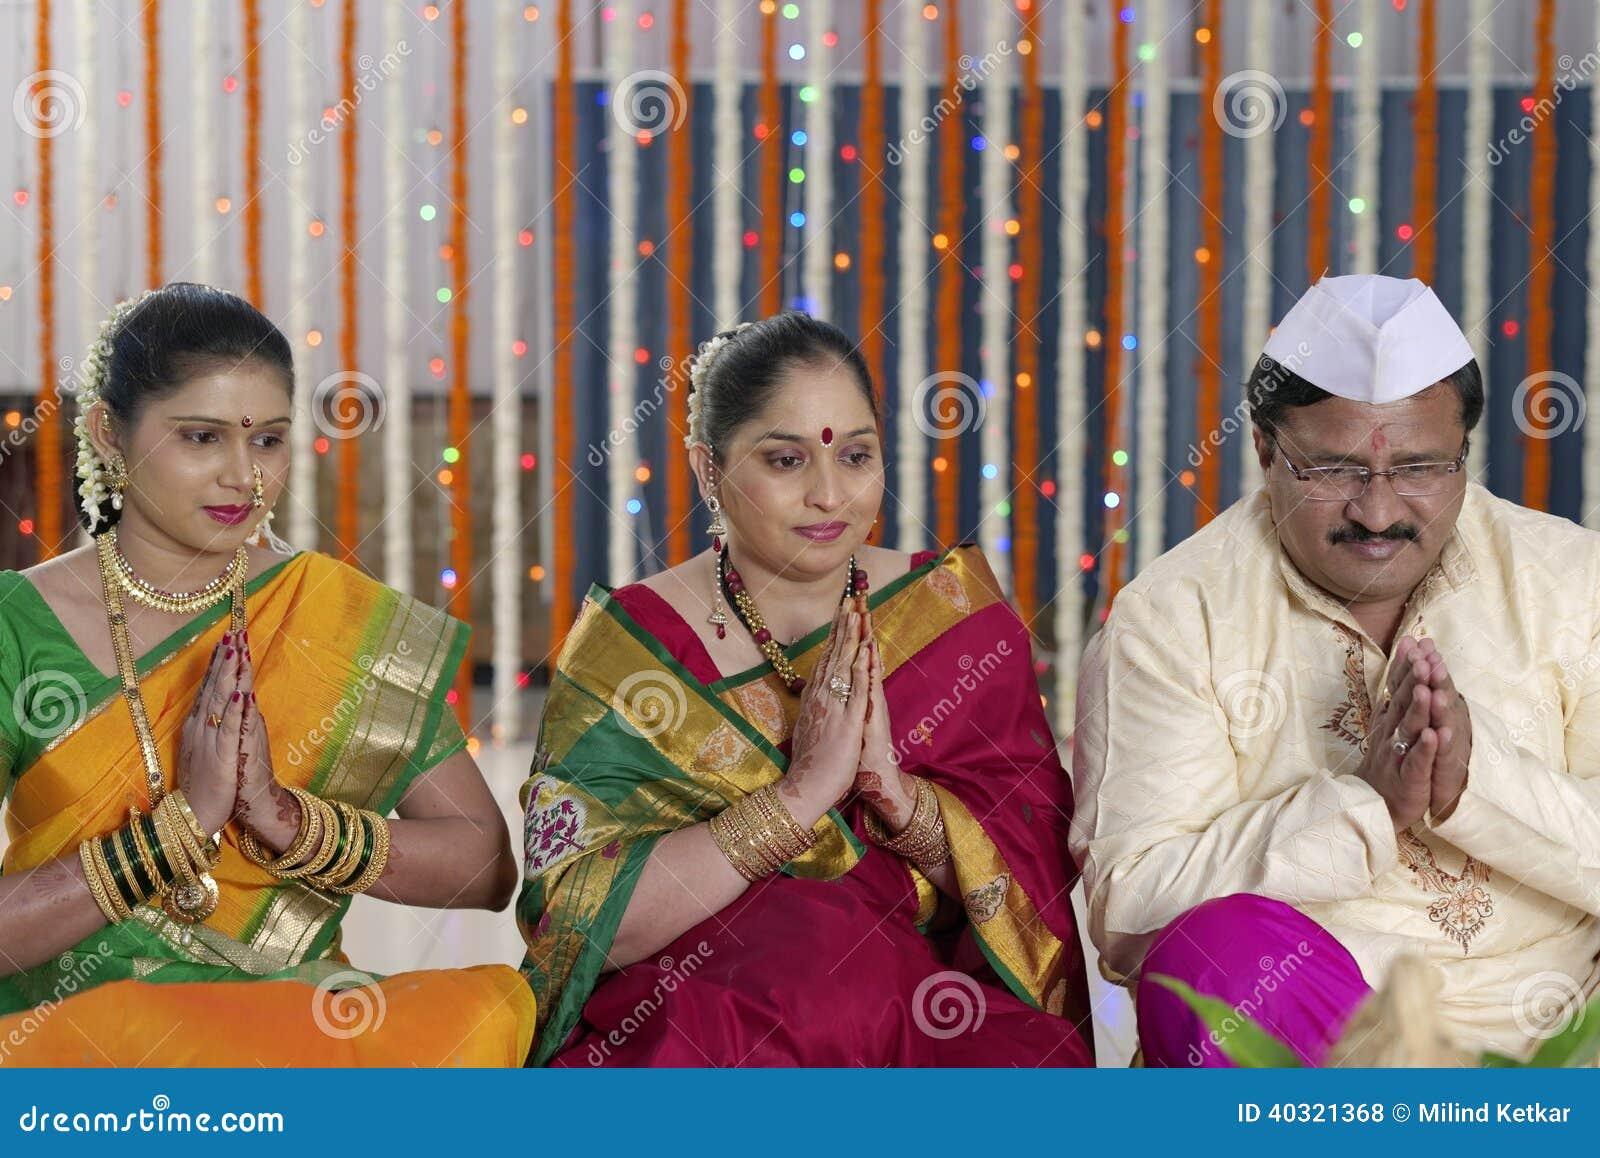 Ινδικά ινδά γαμήλια τελετουργικά